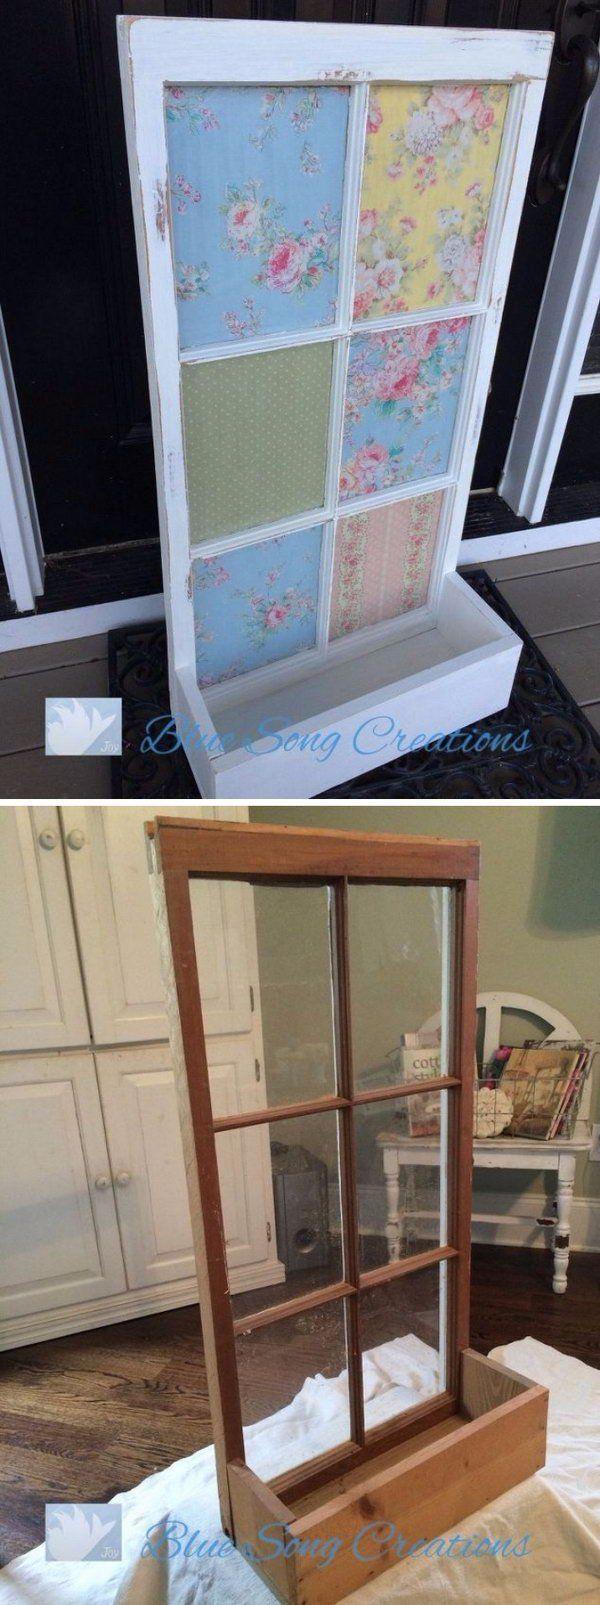 Mejores 84 imágenes de ventanas en Pinterest | Ideas para casa ...